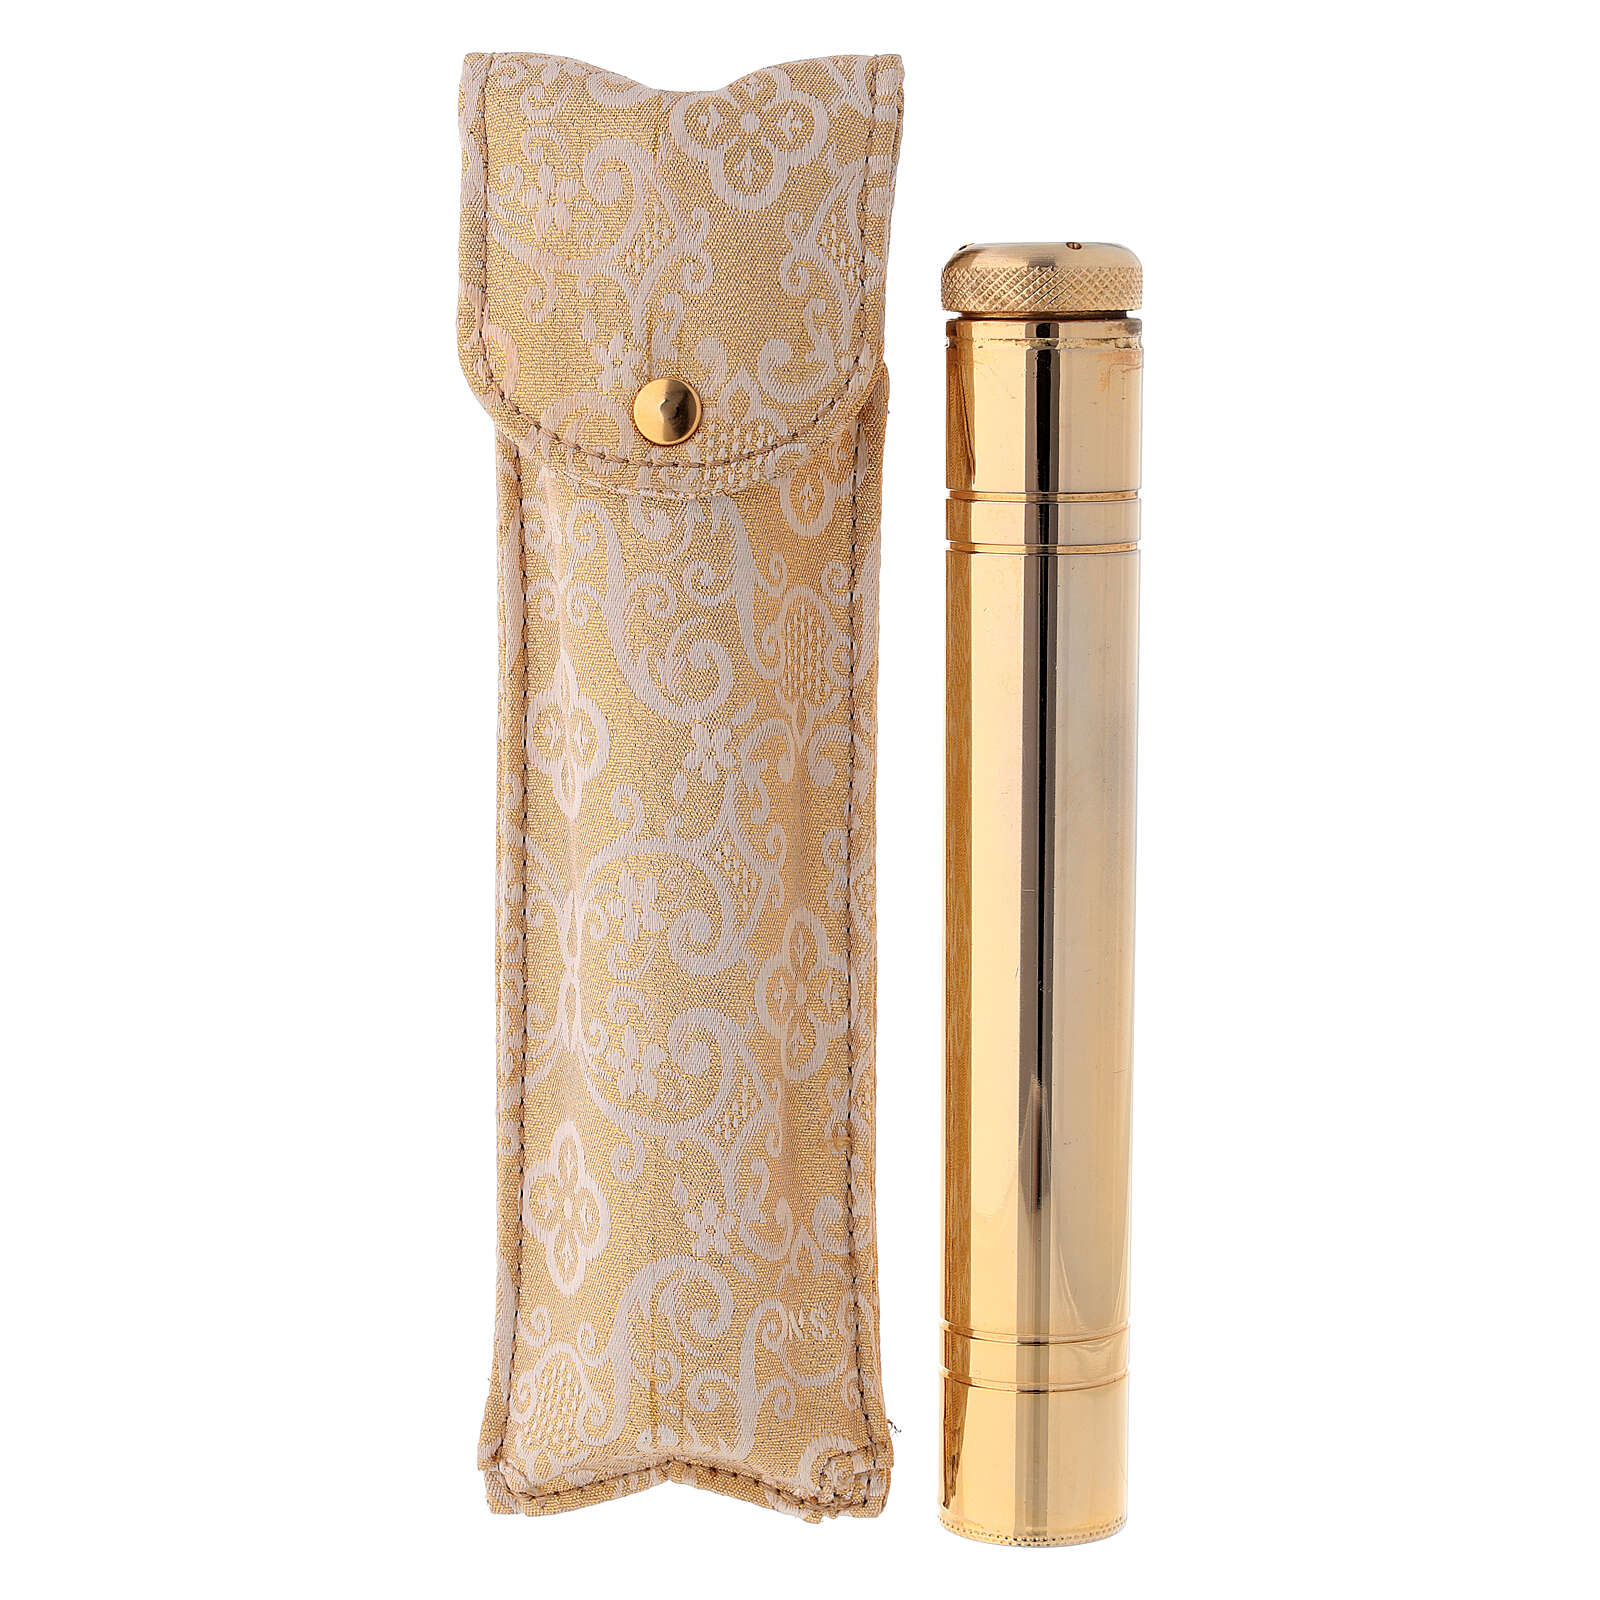 Asperges 16 cm dorato astuccio jacquard oro chiaro 3